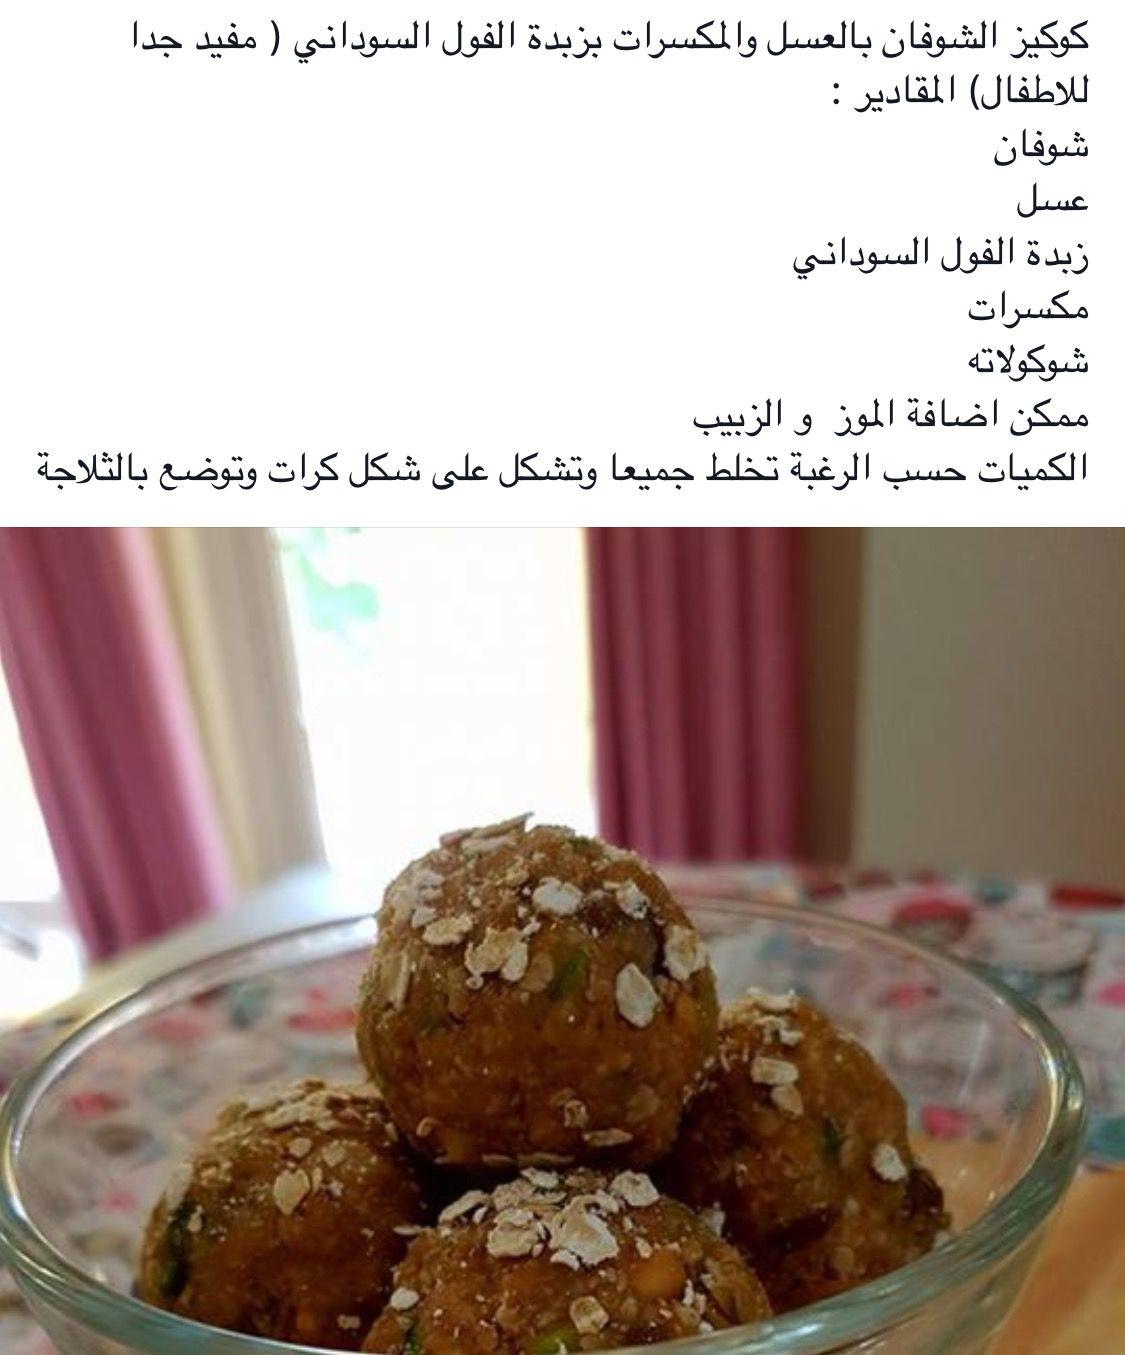 كوكيز الشوفان بالعسل والمكسرات بزبدة الفول السوداني Oatmeal Dessert Food Desserts